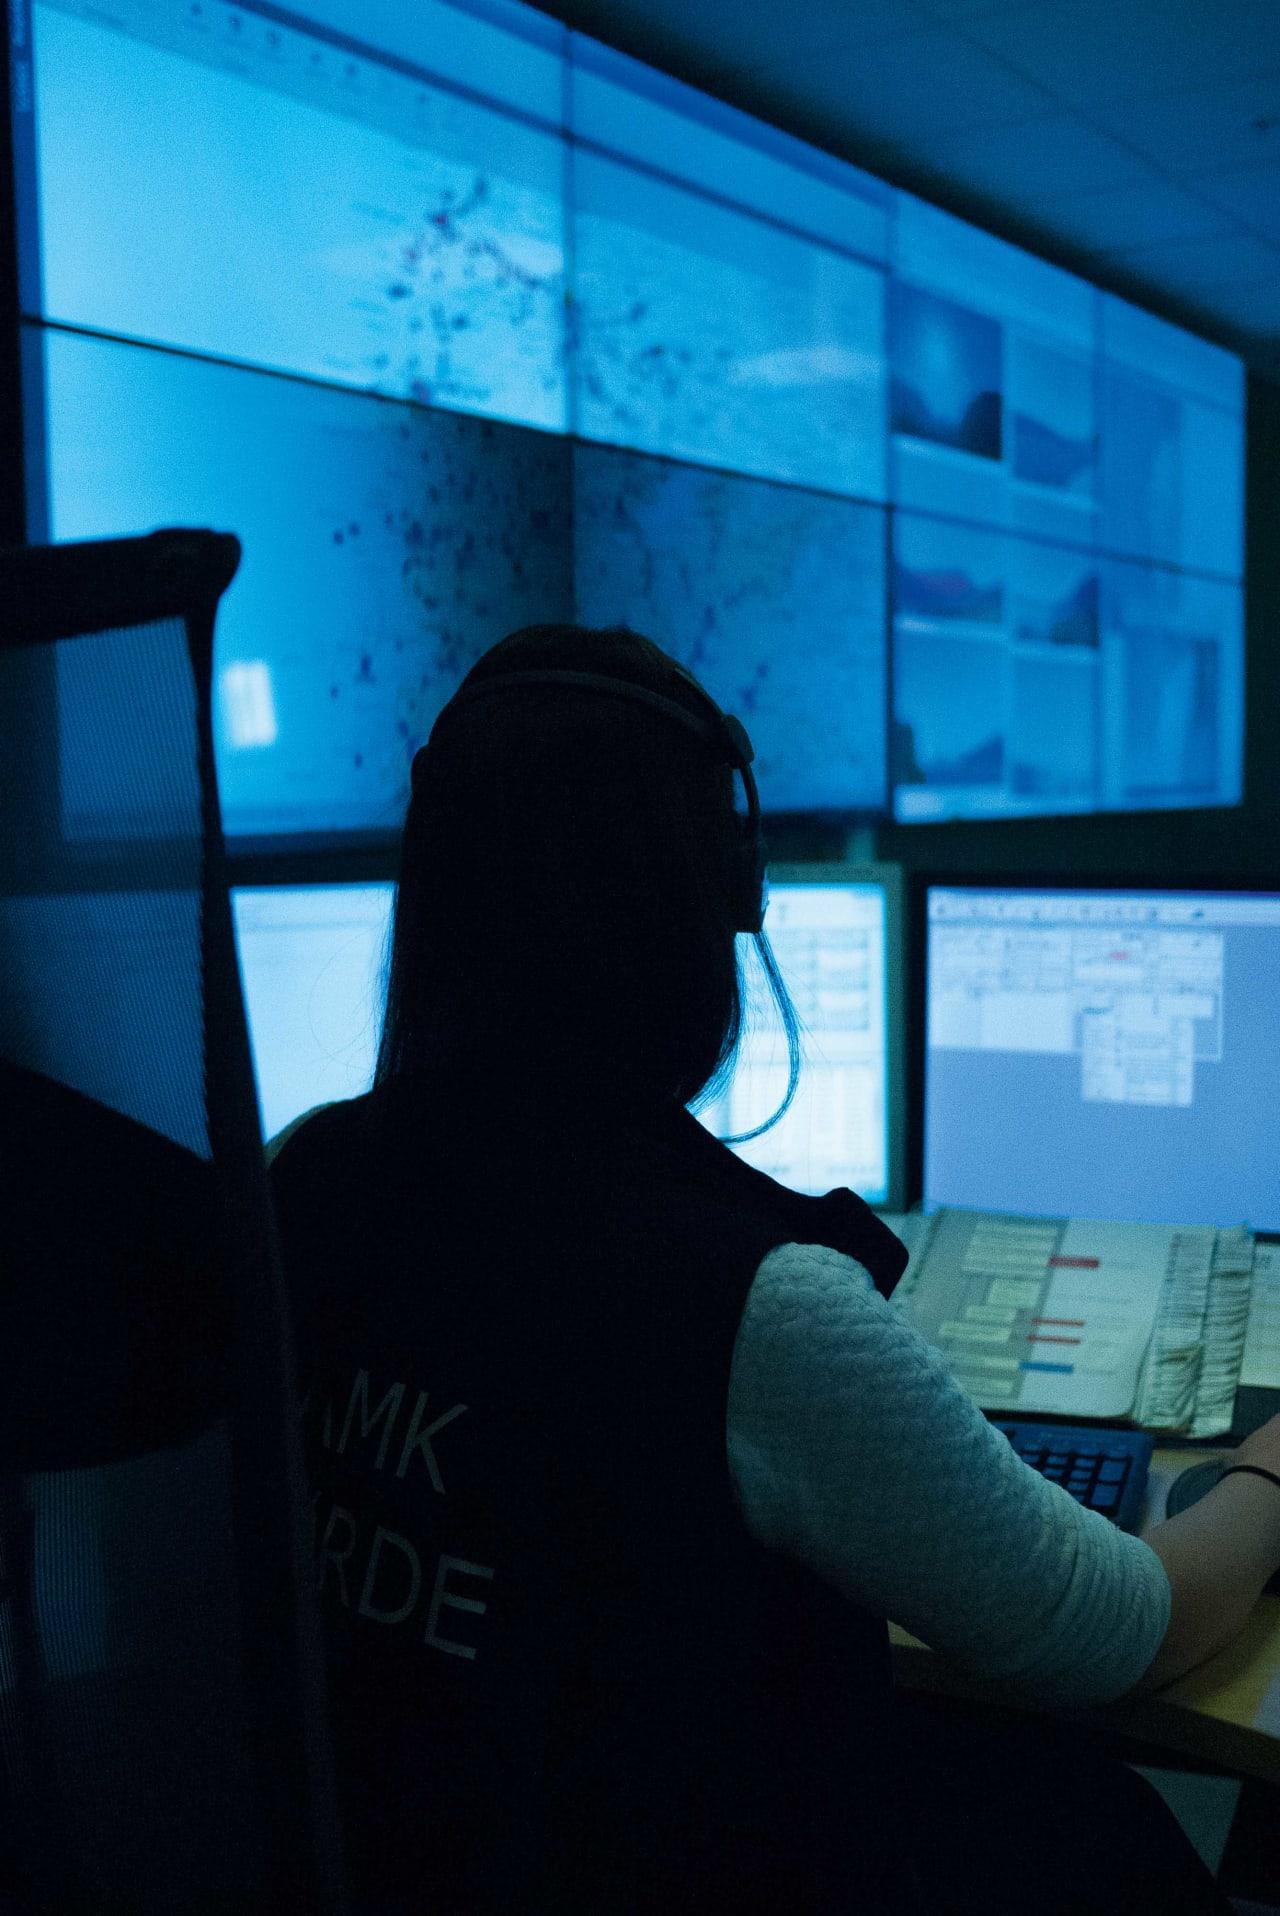 HOS AMK FØRDE: Fride Kirkebø jobber på AMK Førde. Kanskje er det hun som svarer om du en dag ringer 113. Foto: Henning Reinton